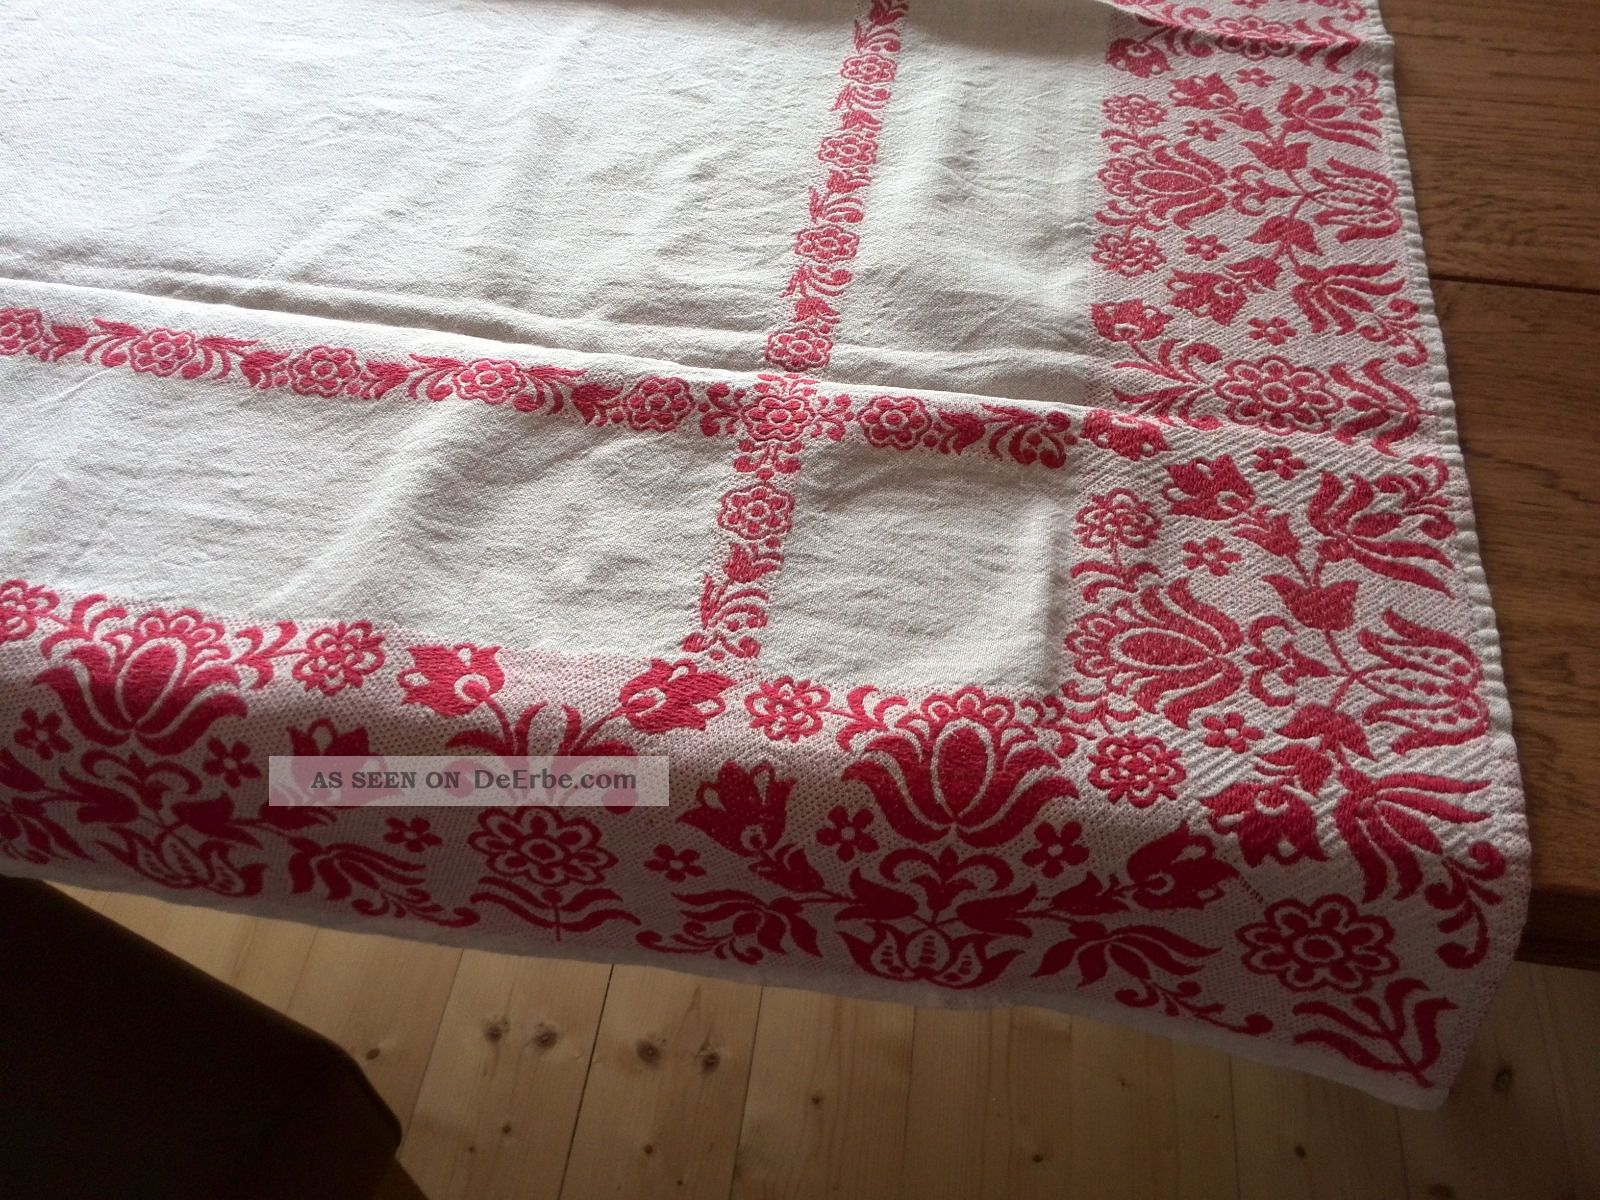 alte leinen tischdecke natur rot landhaus shabby chic 145cm x 115cm rechteckig. Black Bedroom Furniture Sets. Home Design Ideas